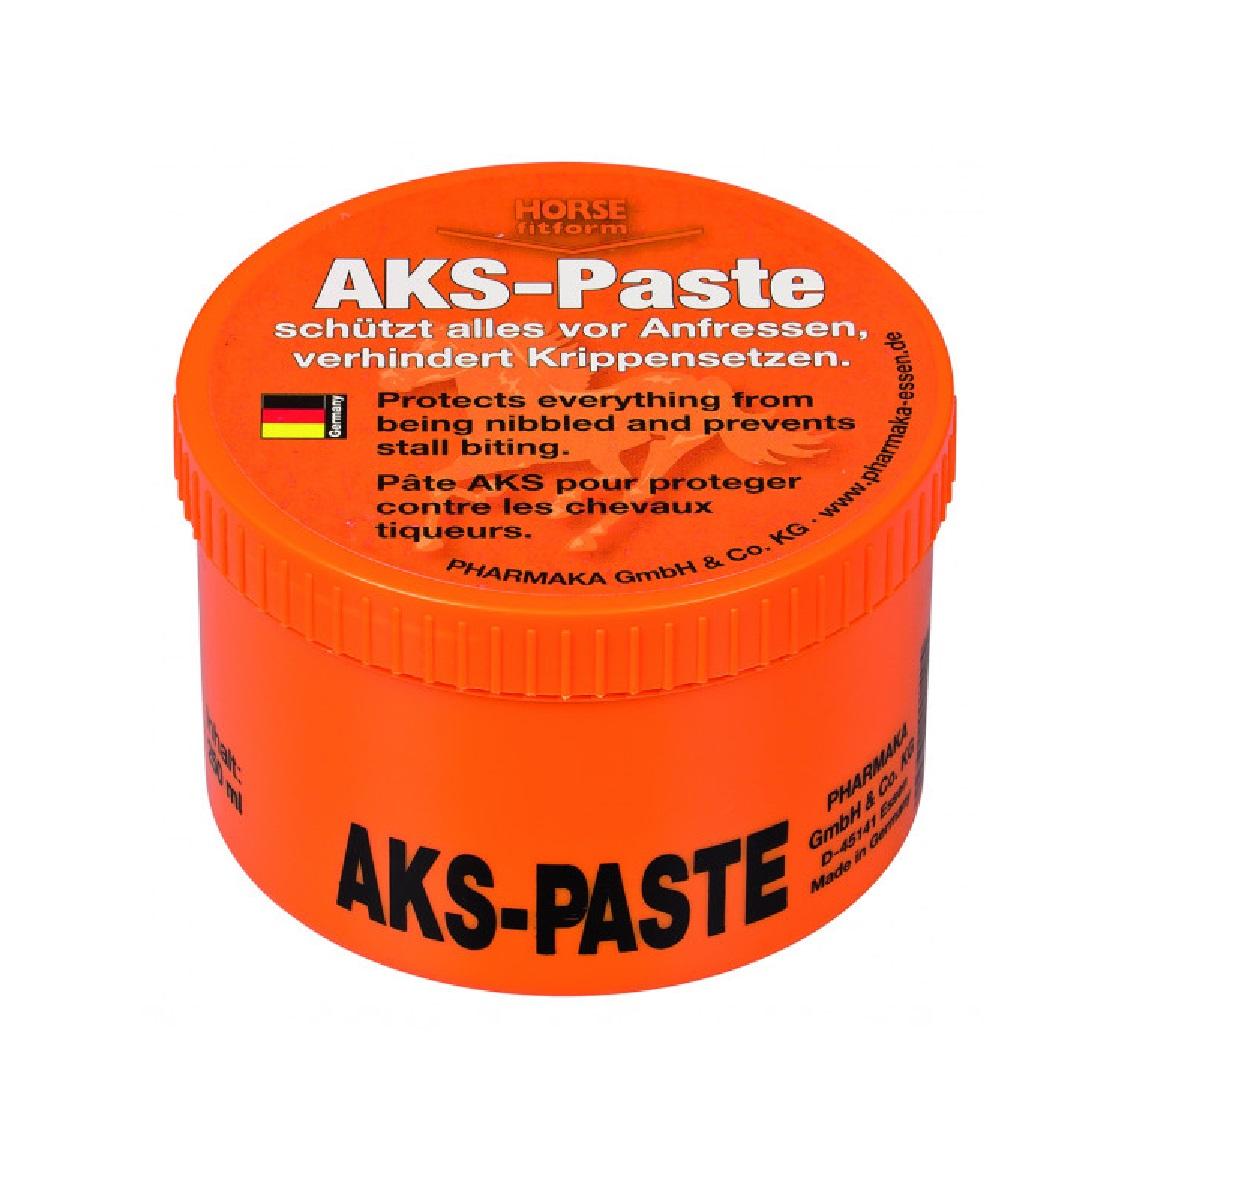 AKS-PASTE schützt alles vor dem Anfressen * HORSE fitform - Qualität von PFIFF